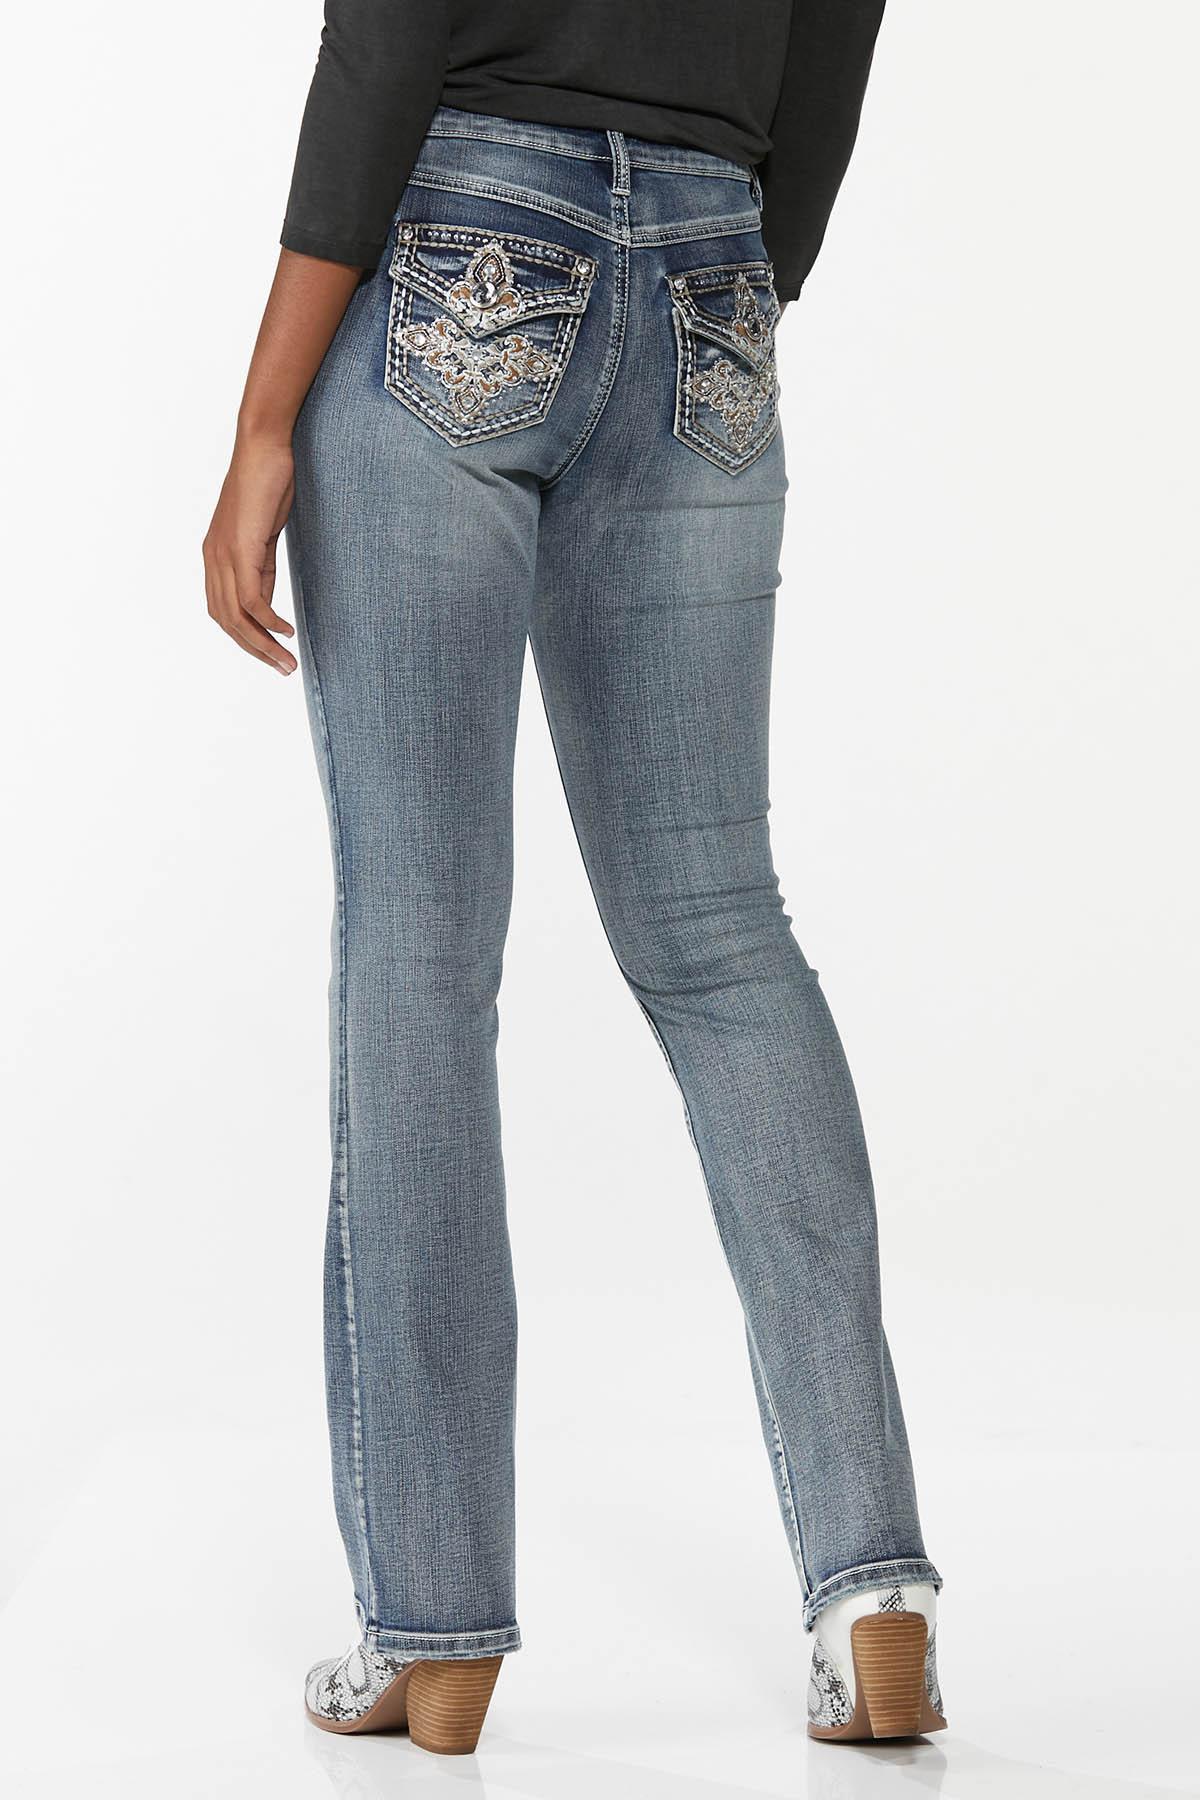 Embellished Curvy Jeans